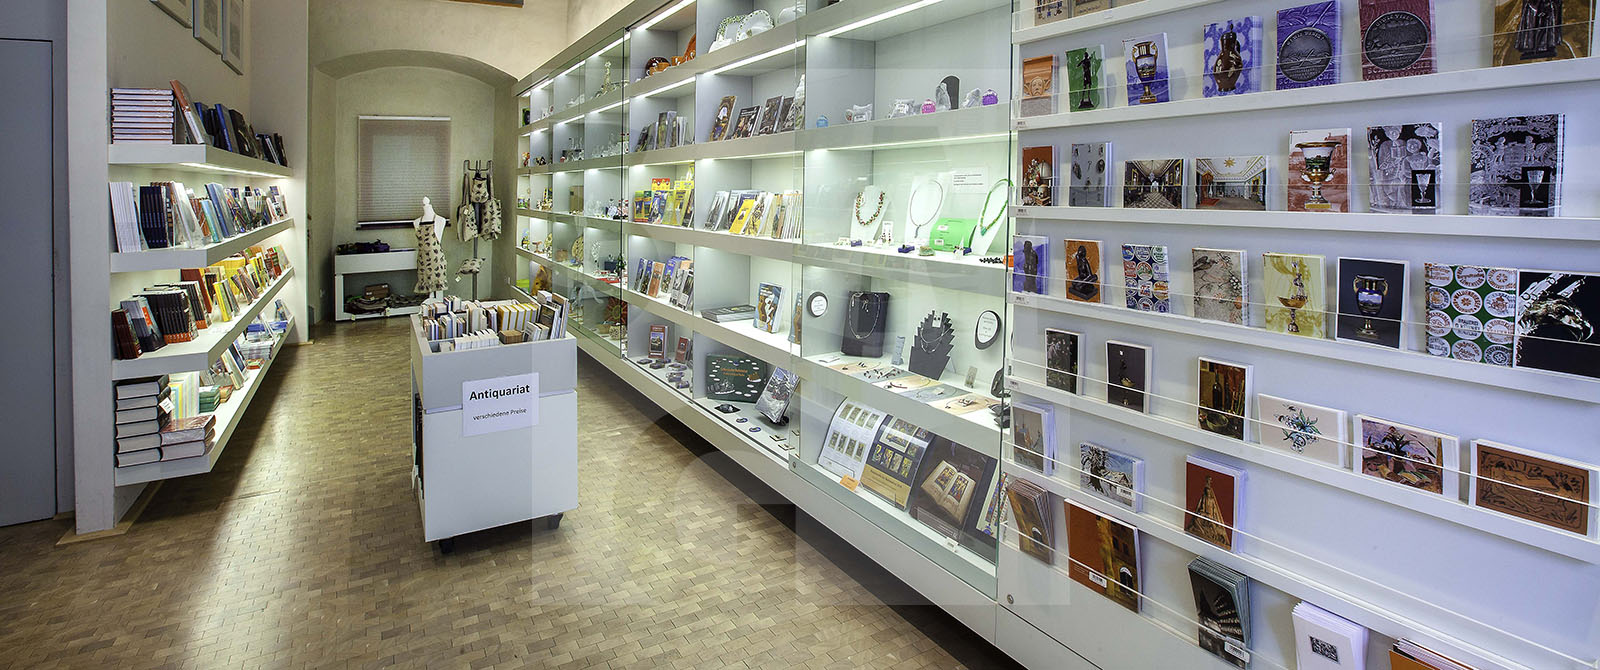 Hauptbild Museumsladen